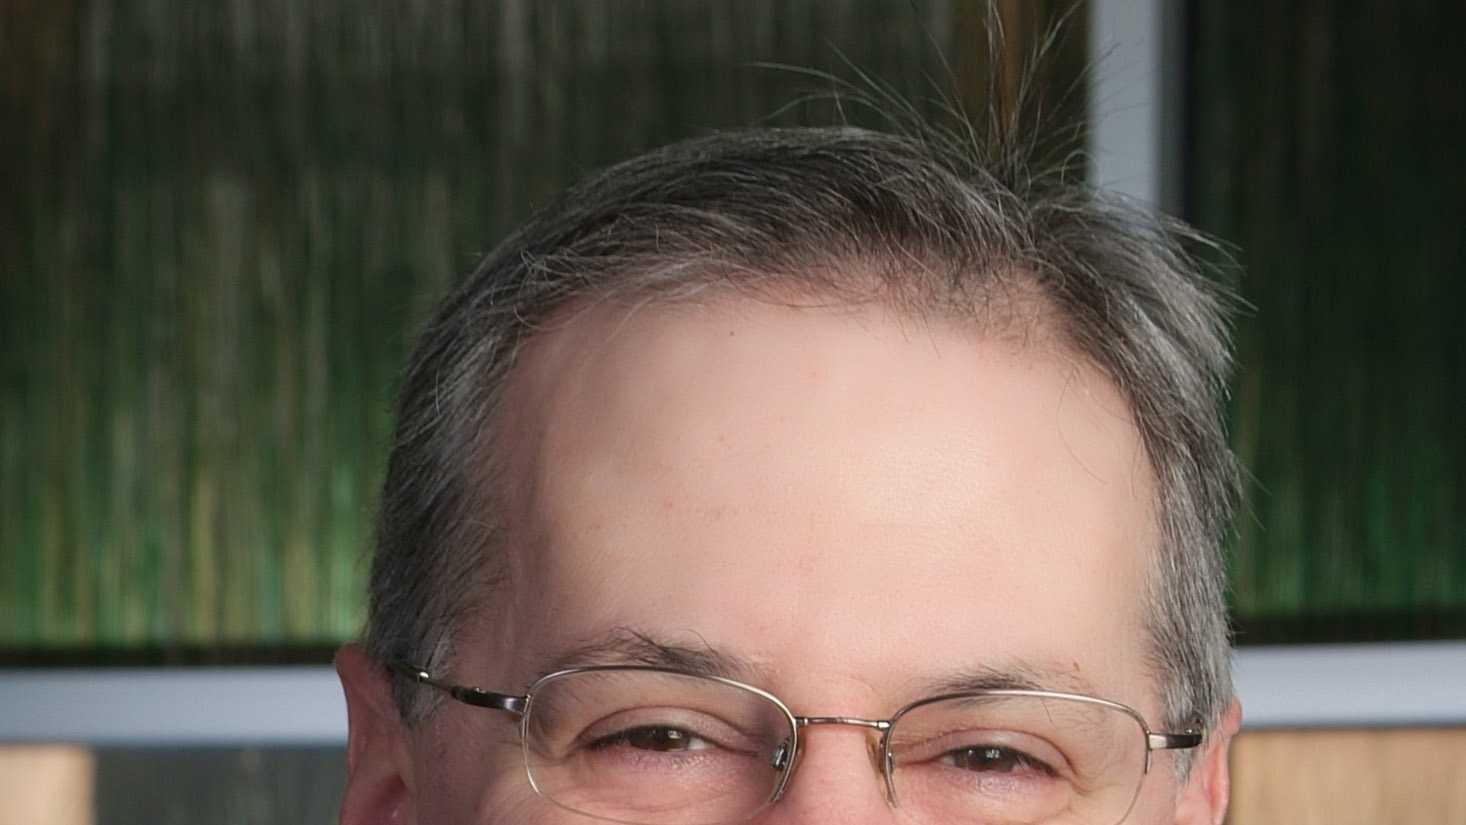 Dr. Dan Bobker